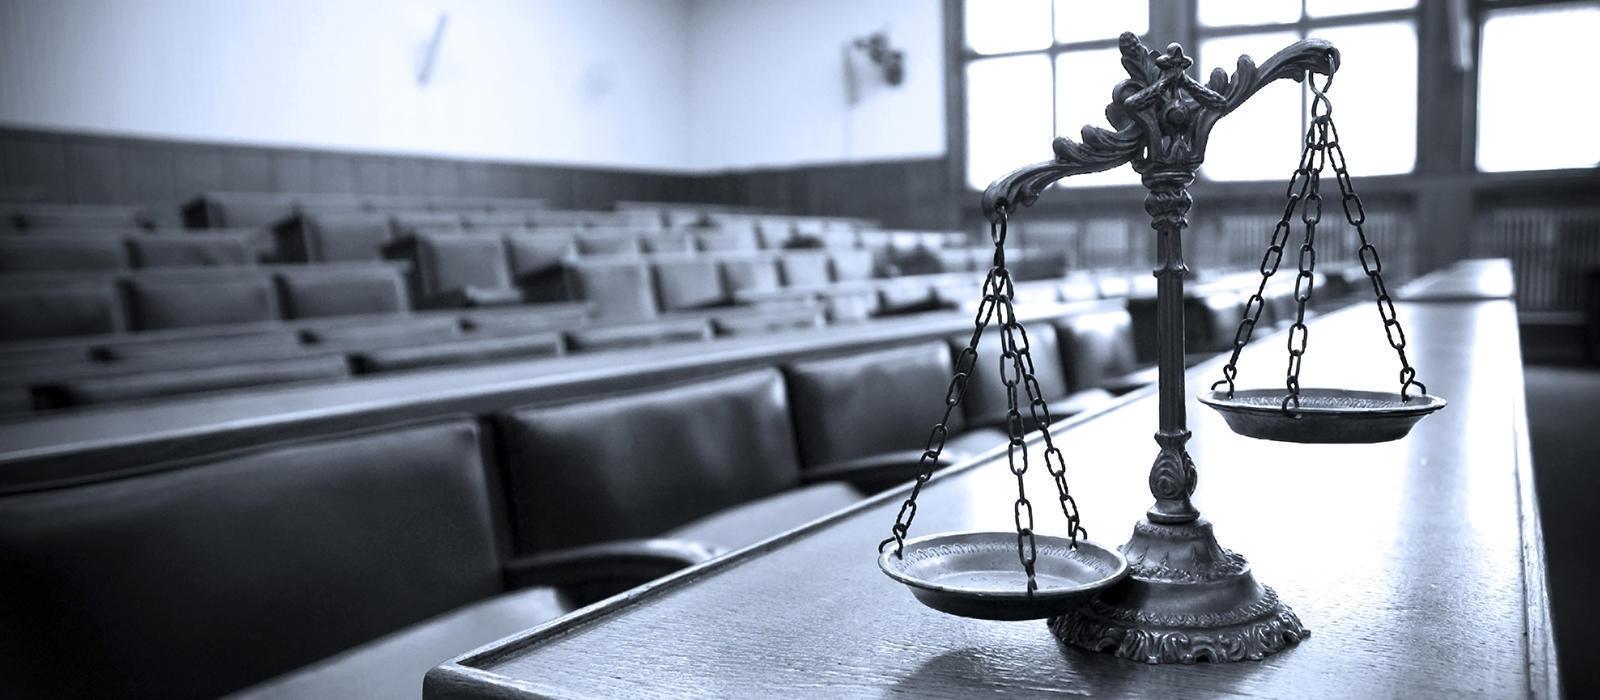 Υπόθεση Novartis: Αγωγή Ράικου κατά συναδέλφων της